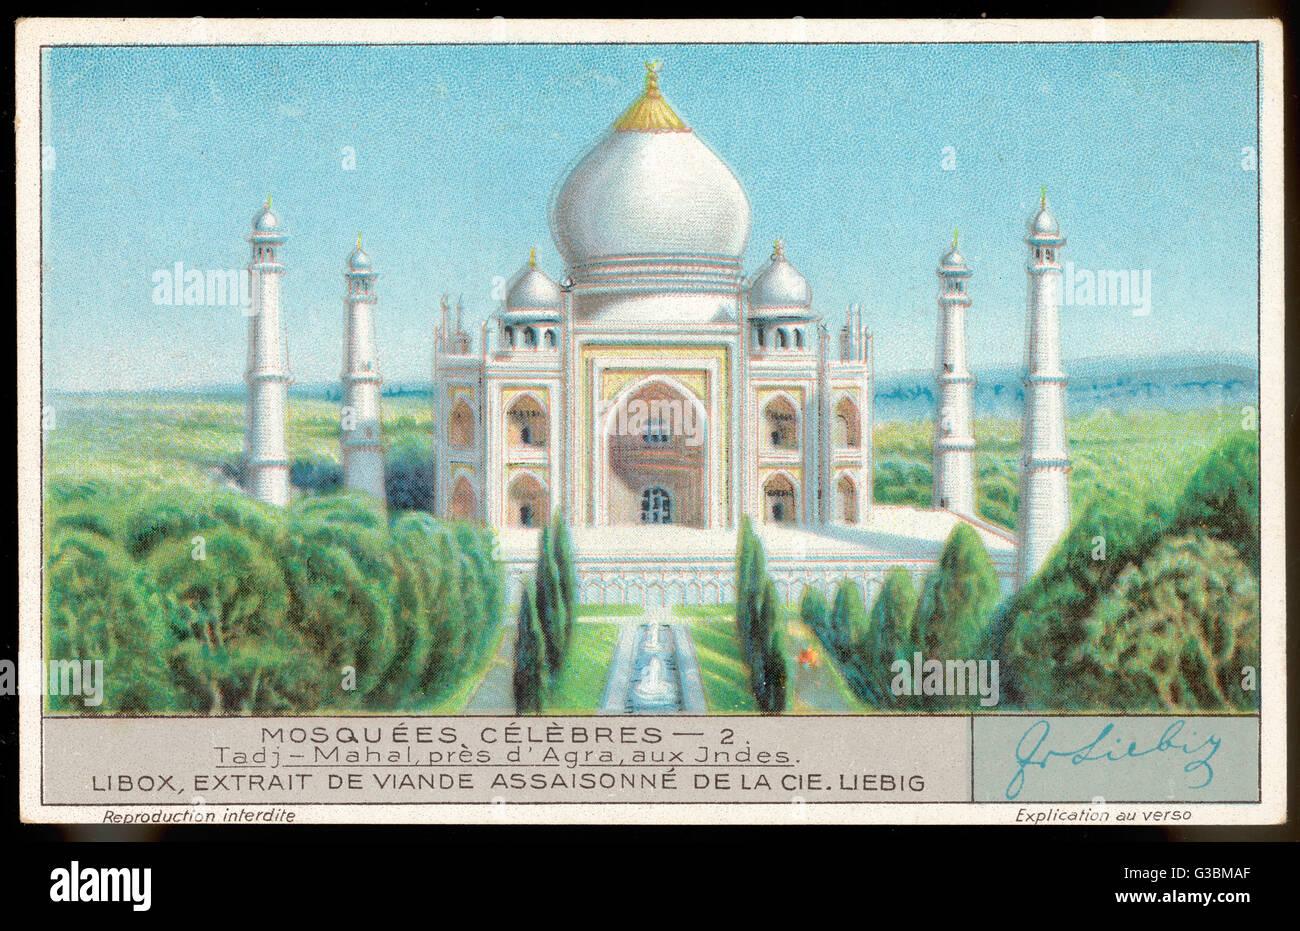 Probablemente el edificio más hermoso jamás construidos, el Taj está construido por Shah Jehan en memoria de su esposa. Es de 78 metros de altura, y está rodeado por unos preciosos jardines. Fecha: construido 1631 - 1645 Foto de stock